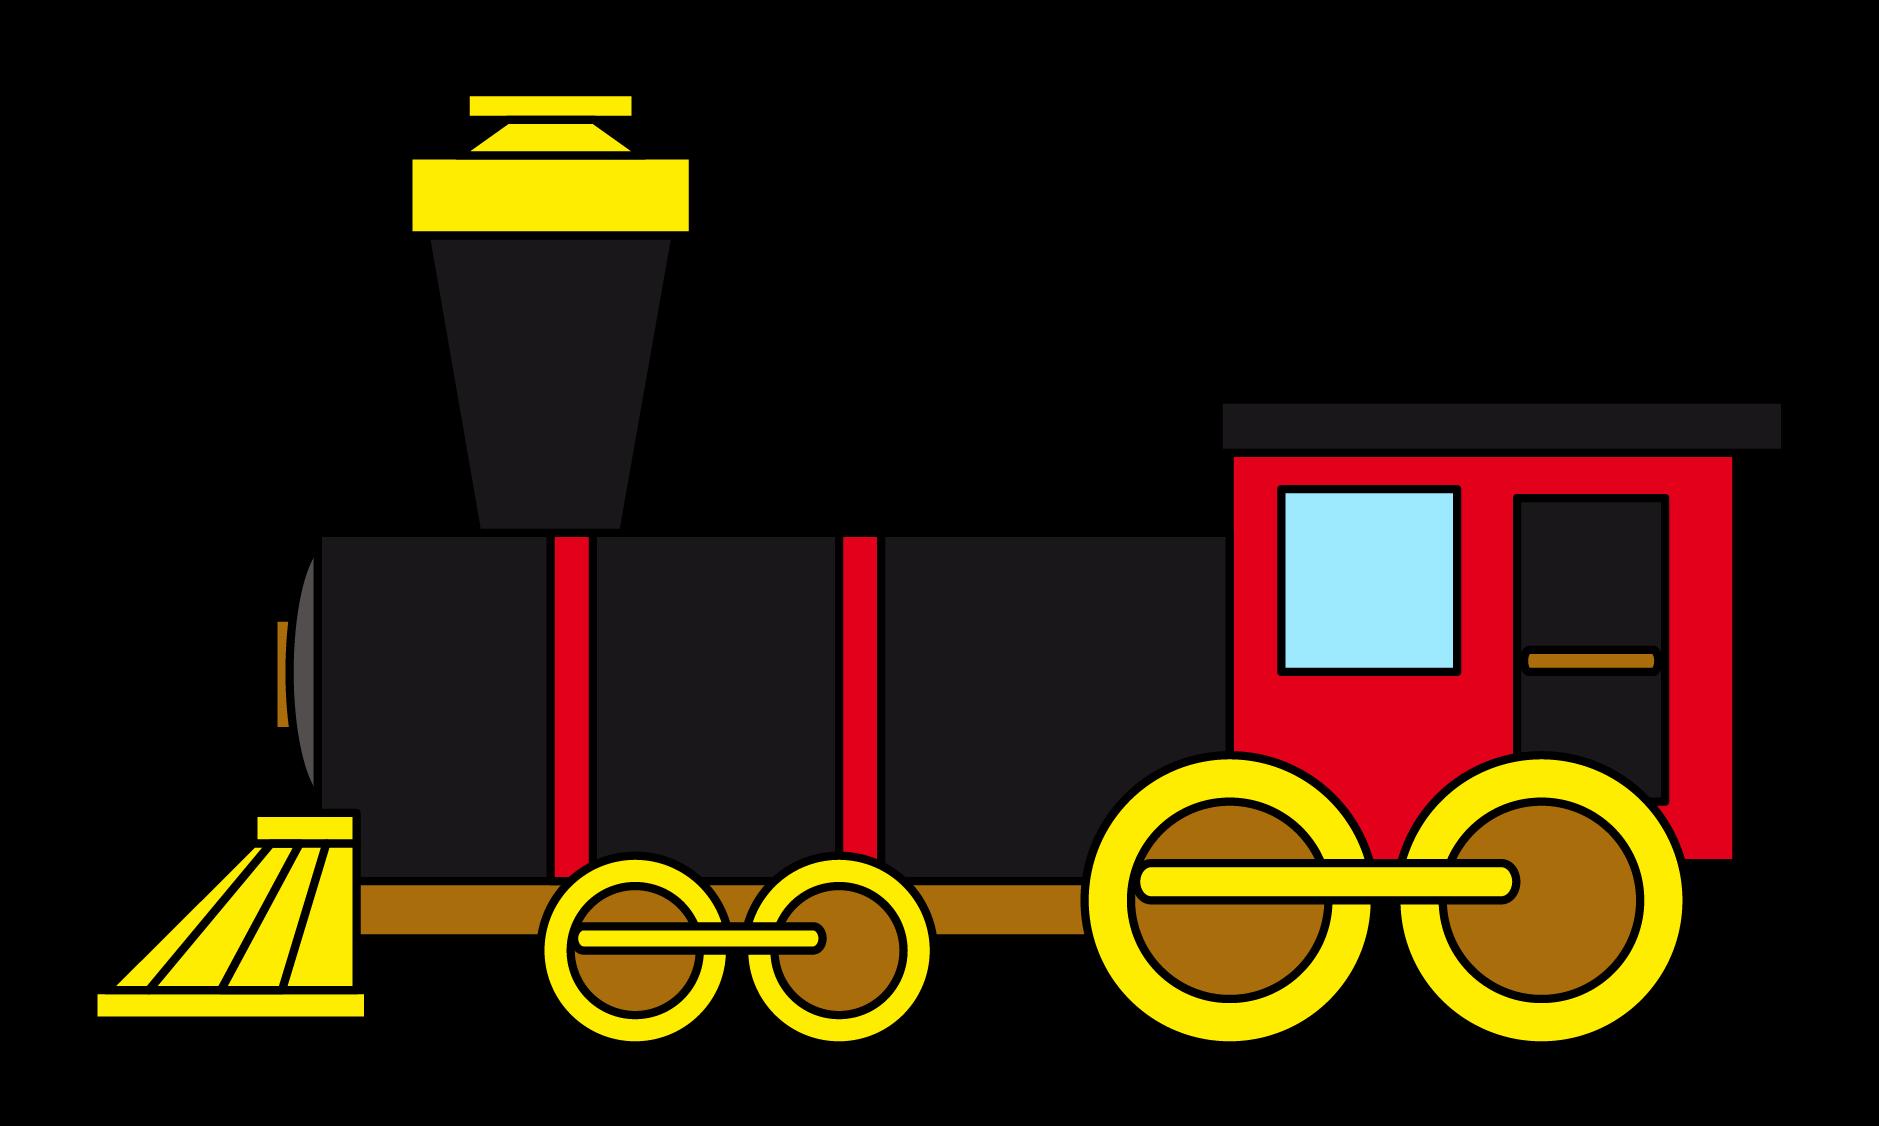 clipart train station clipart best [ 1879 x 1126 Pixel ]